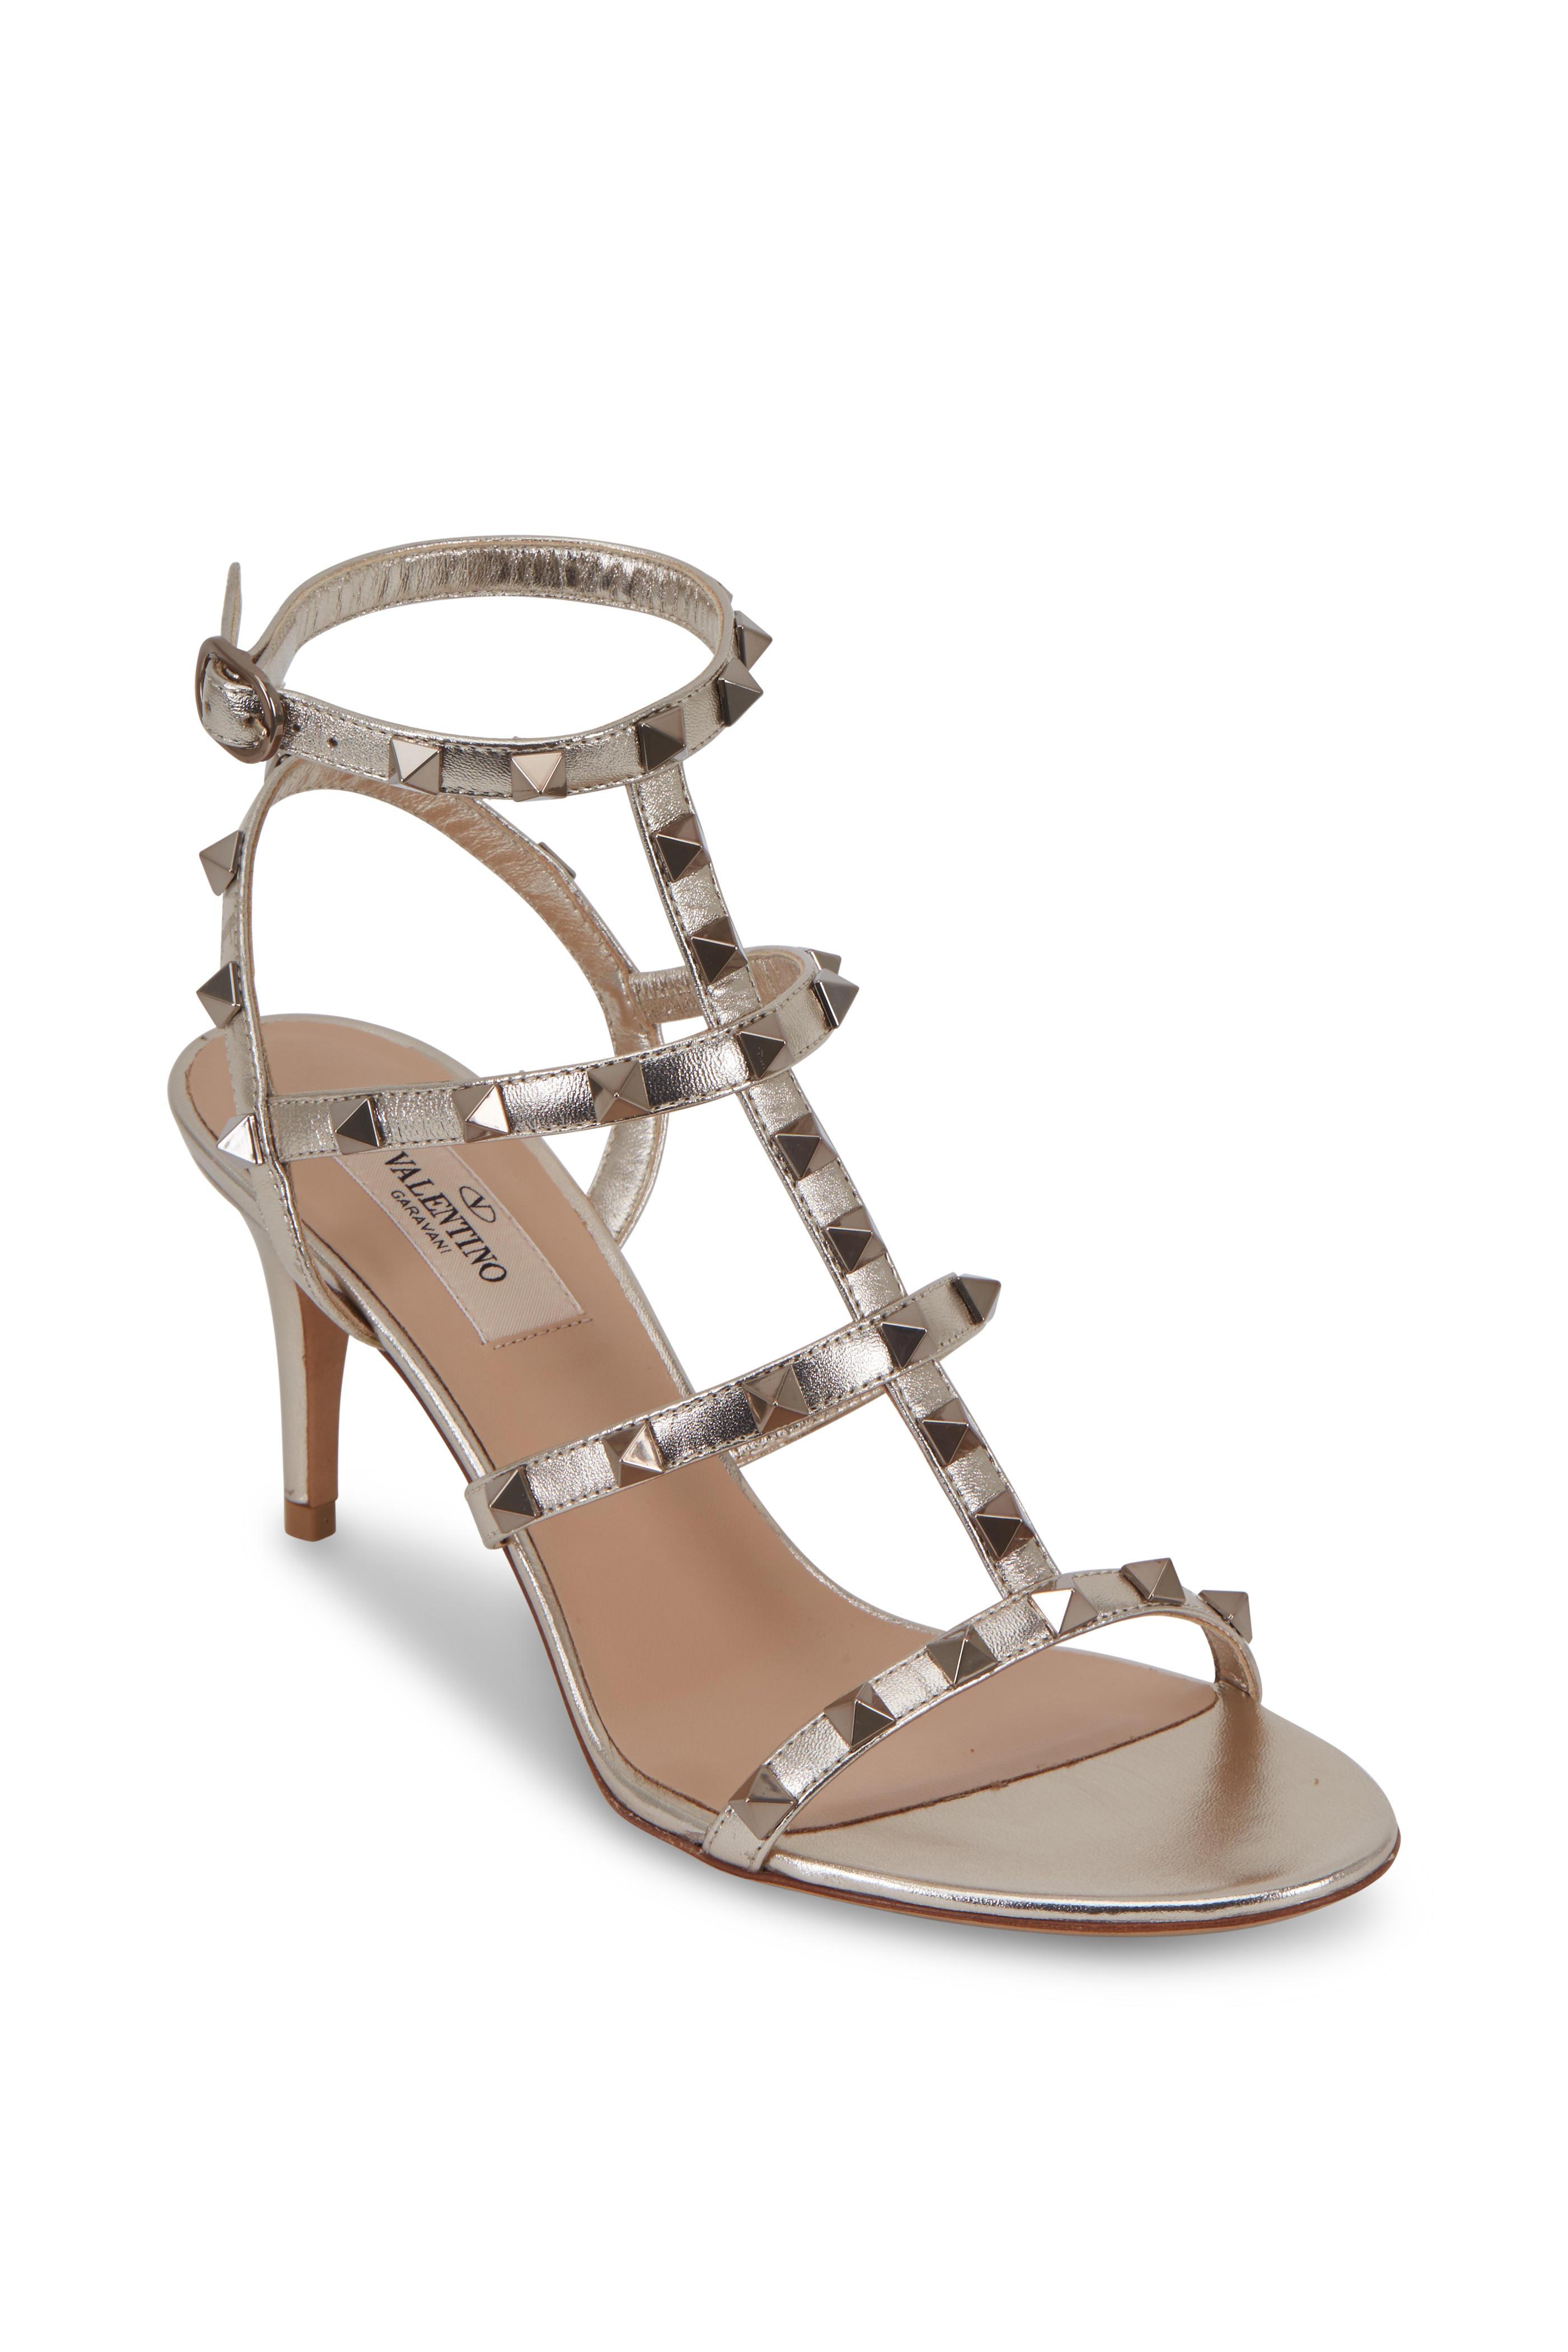 c6707fbc9ed7 Valentino Garavani - Rockstud Skin Metallic Leather Sandal